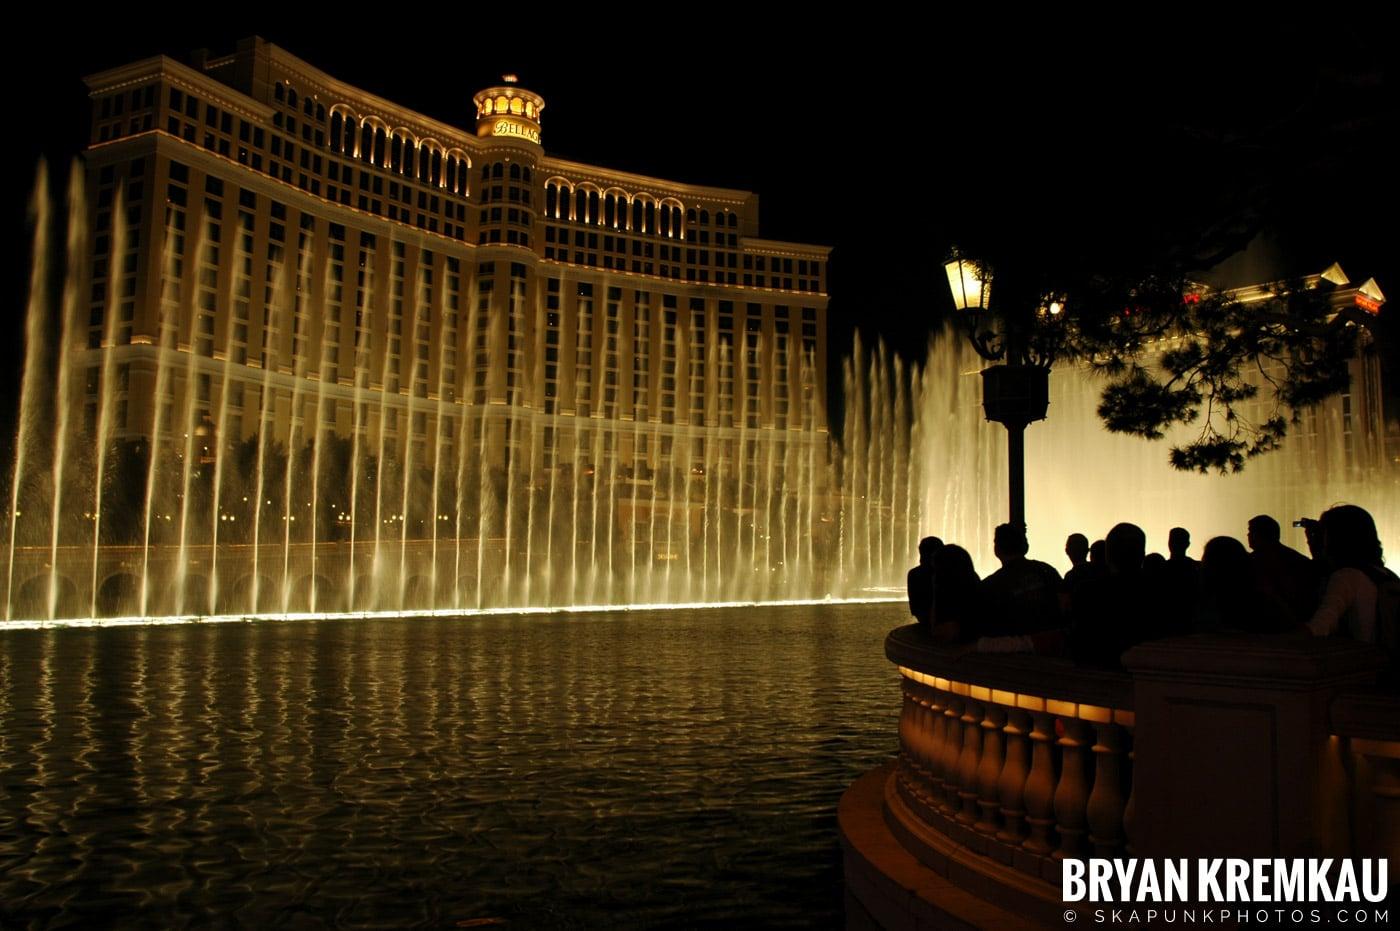 Las Vegas Vacation @ Las Vegas, NV - 10.21.05 - 10.23.05 (4)